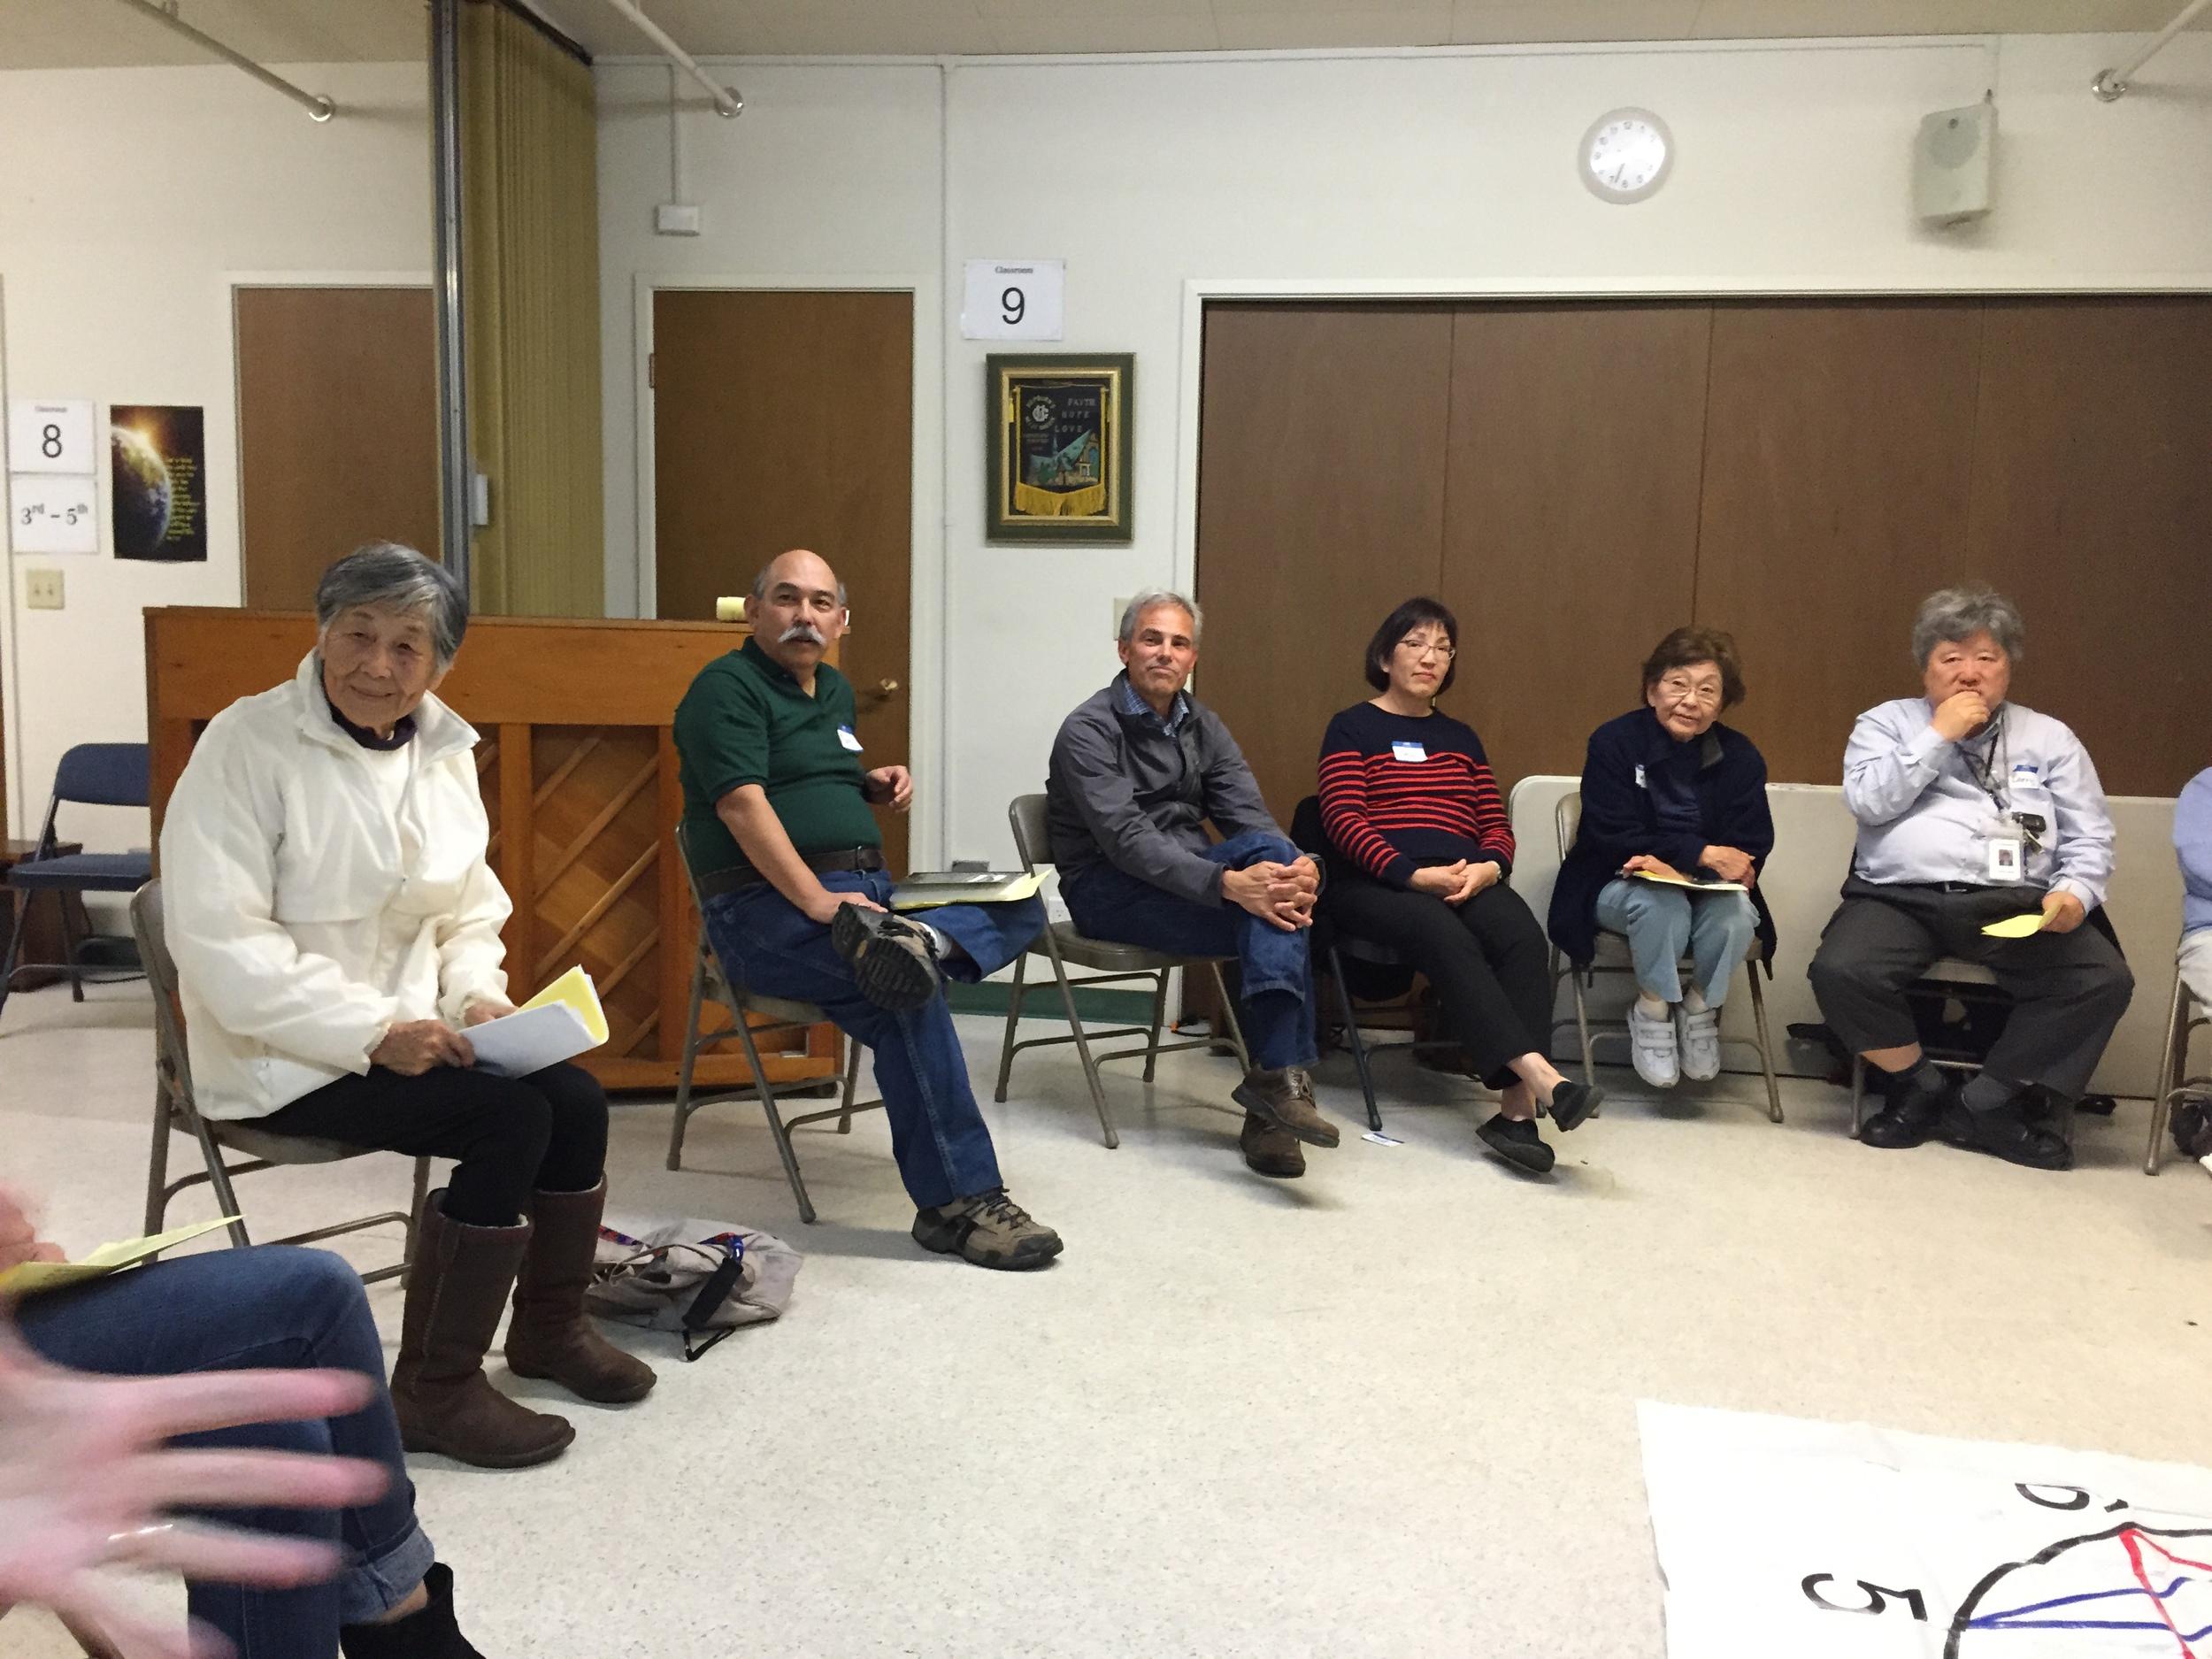 Participants in an enneagram workshop led by matt schlegel